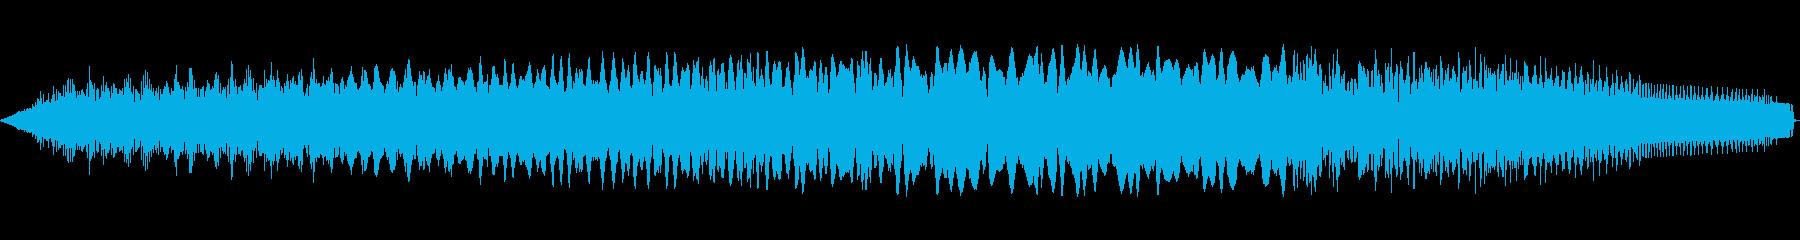 トーンアラームポリフォニックライズ...の再生済みの波形